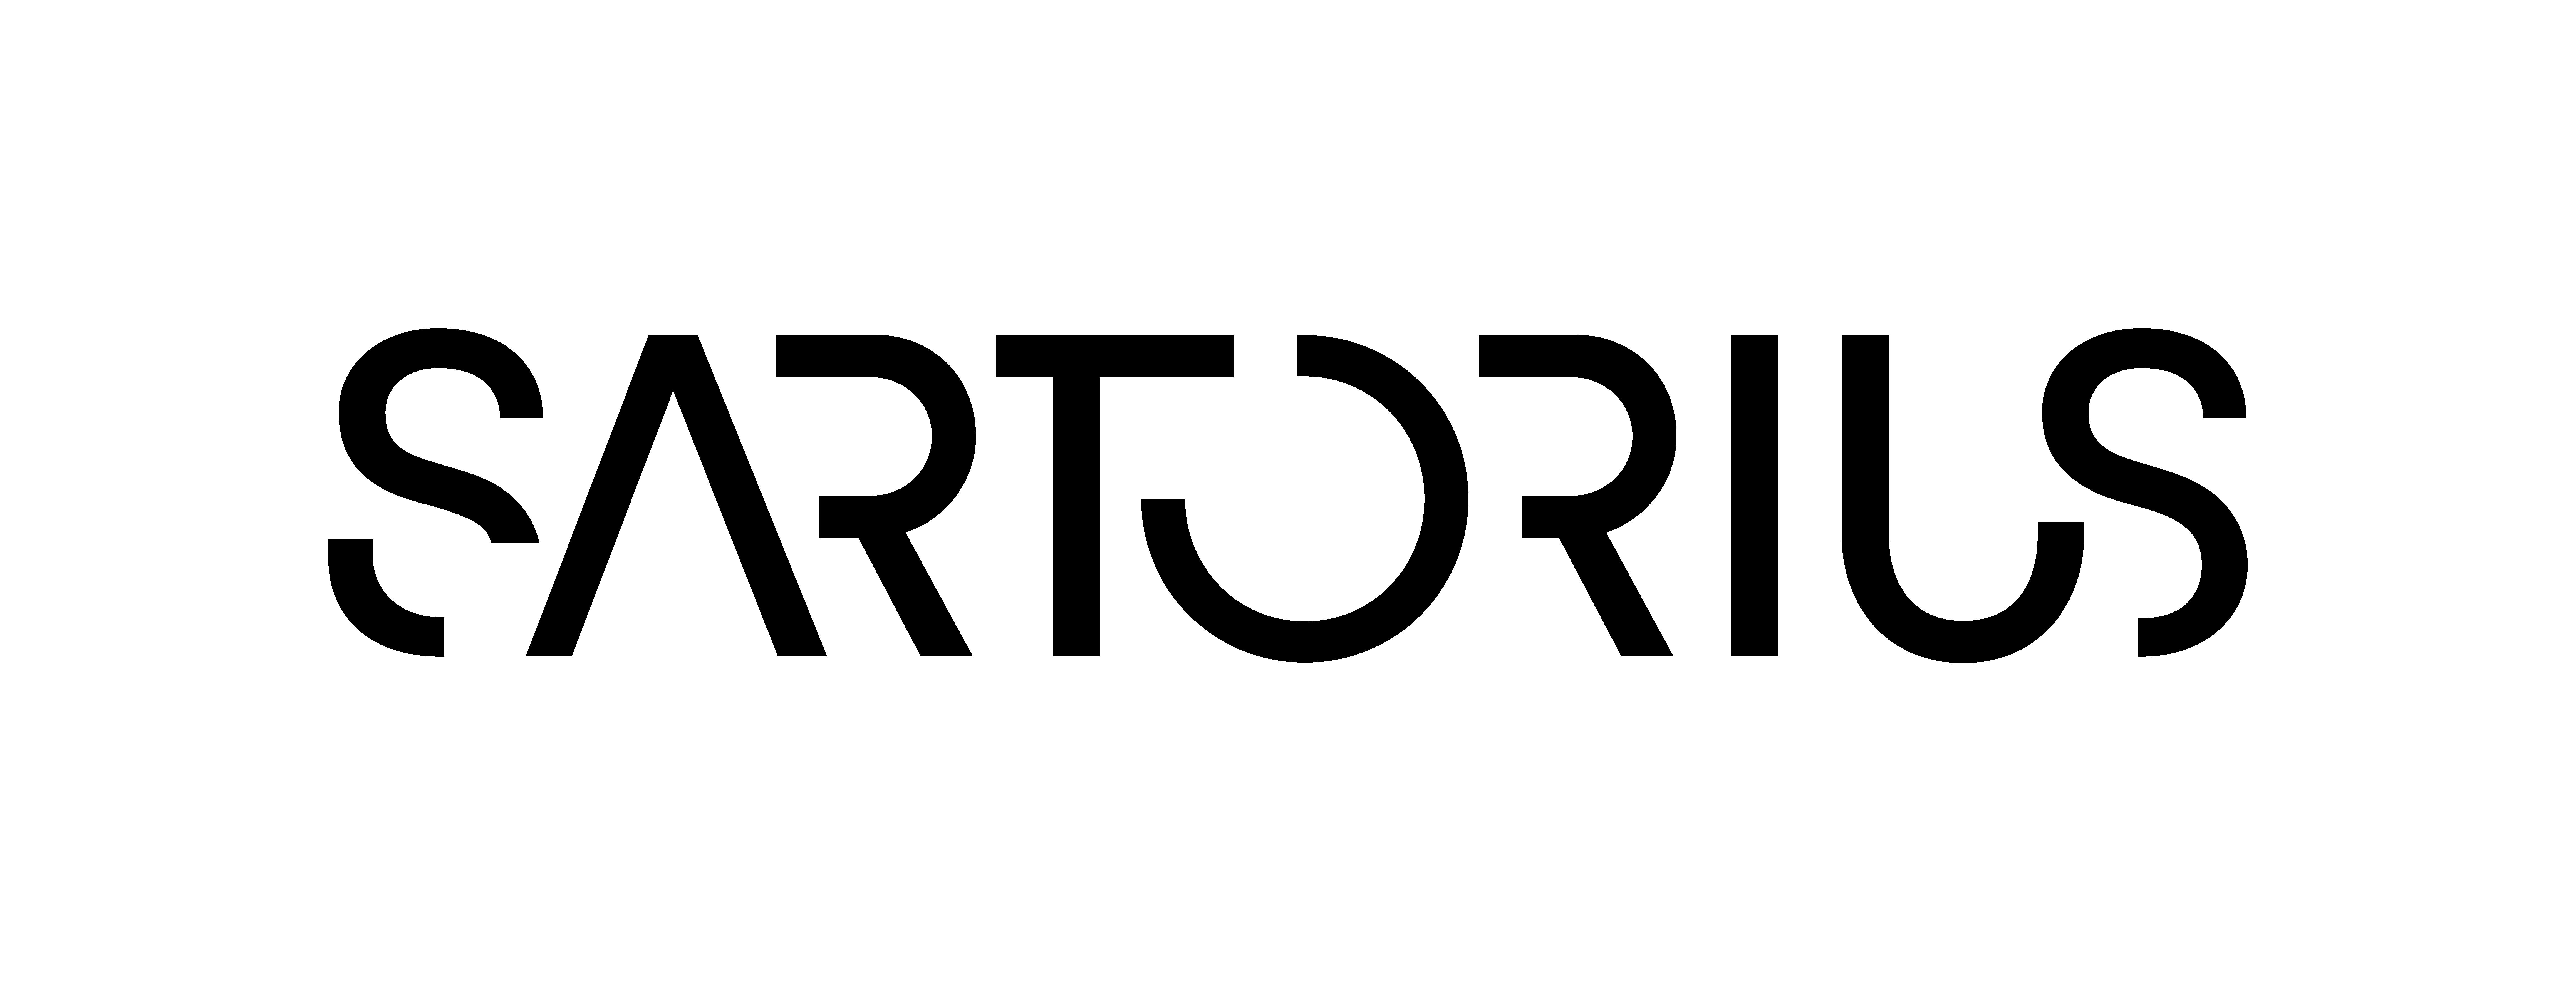 Sartorius Group